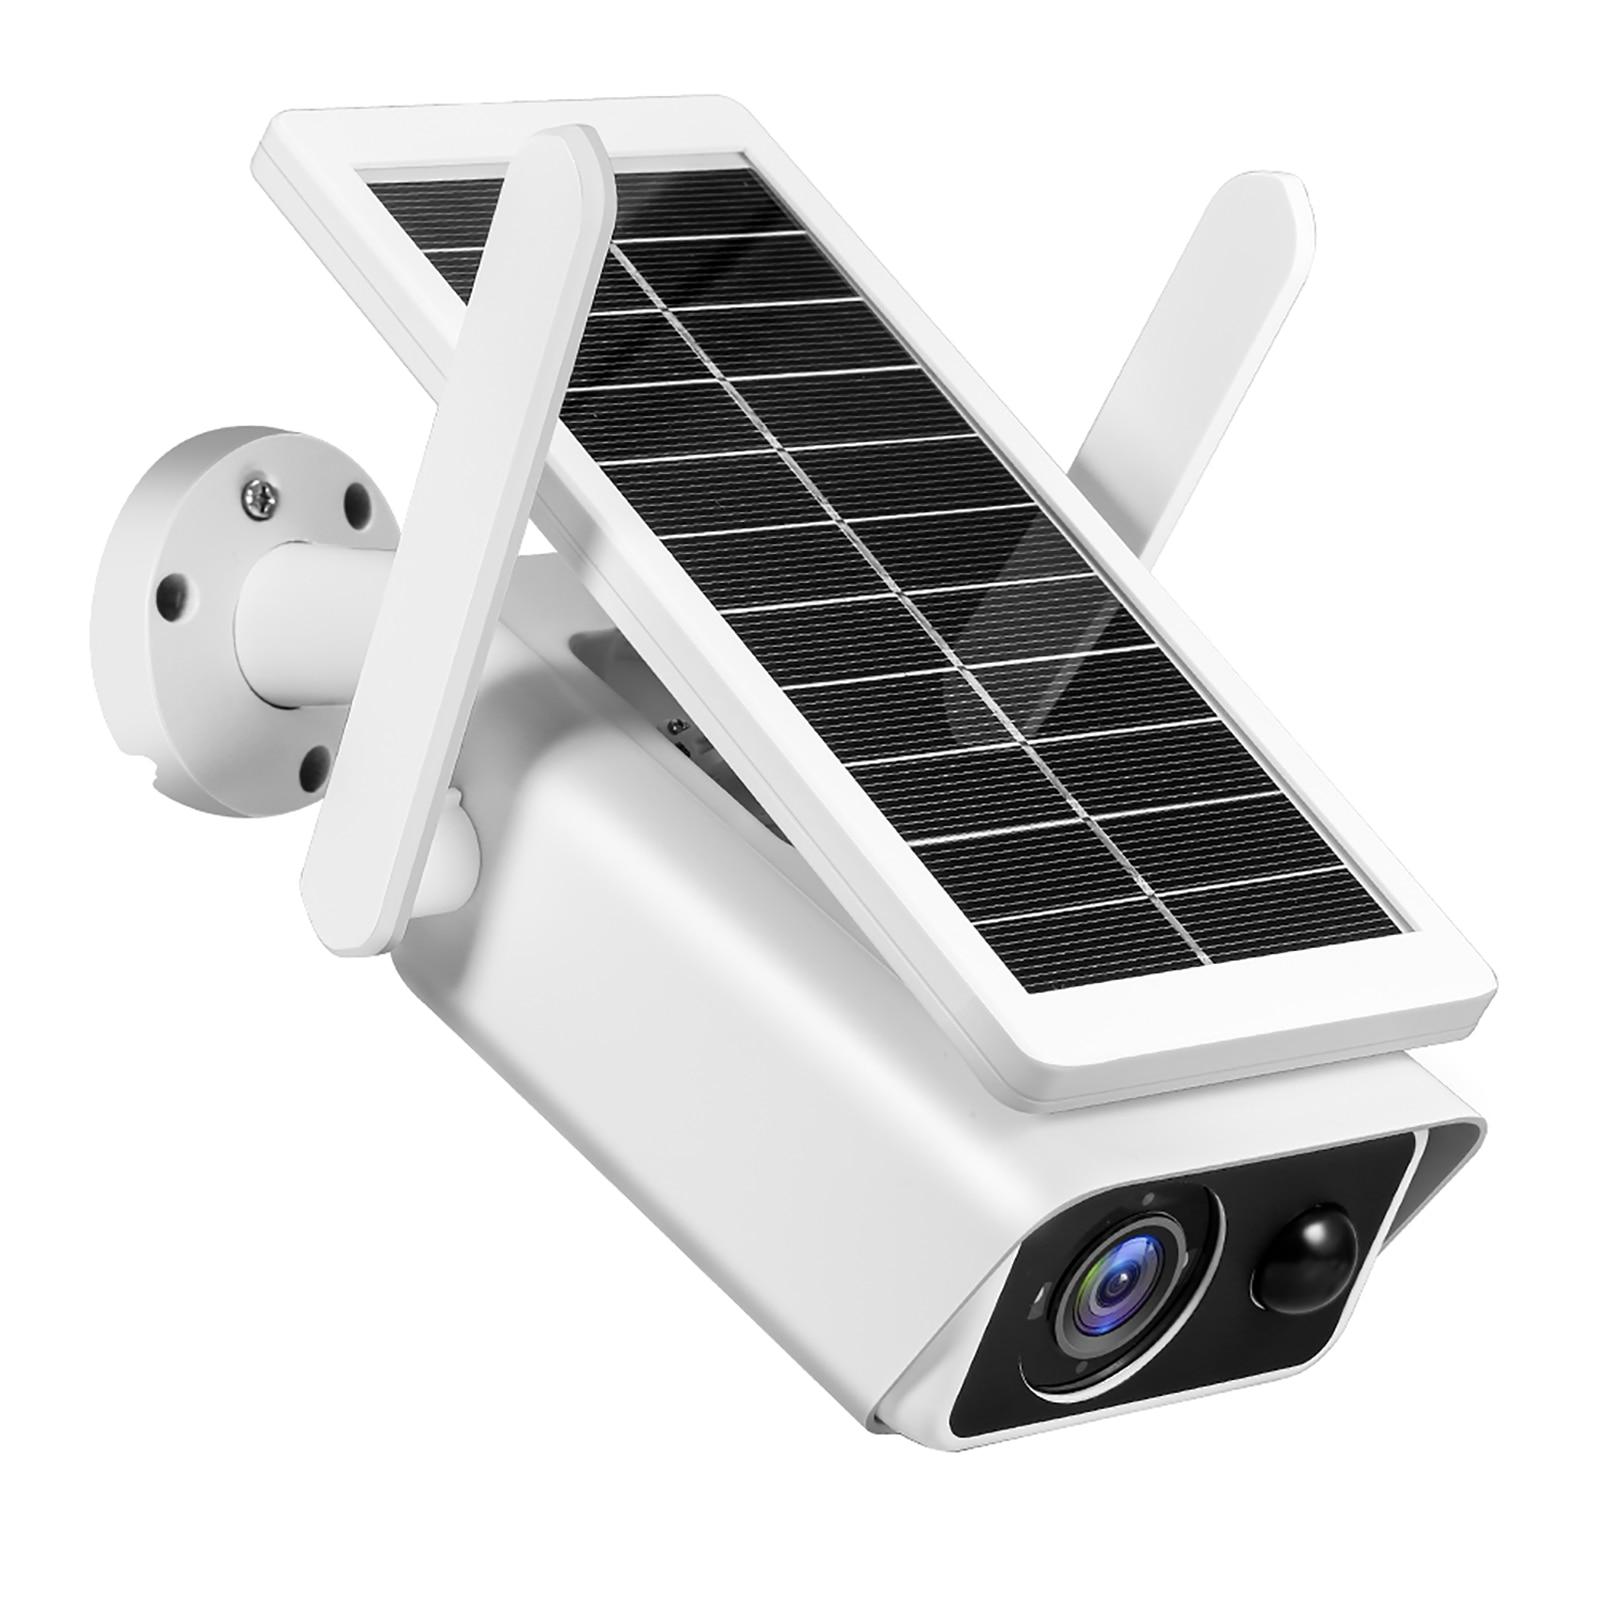 كاميرا مراقبة خارجية تعمل بالطاقة الشمسية بدقة 1080 بكسل ، وكاميرا أمان منزلية لاسلكية مع بطارية قابلة لإعادة الشحن بدقة 2 ميجابكسل وكاشف حركة ...